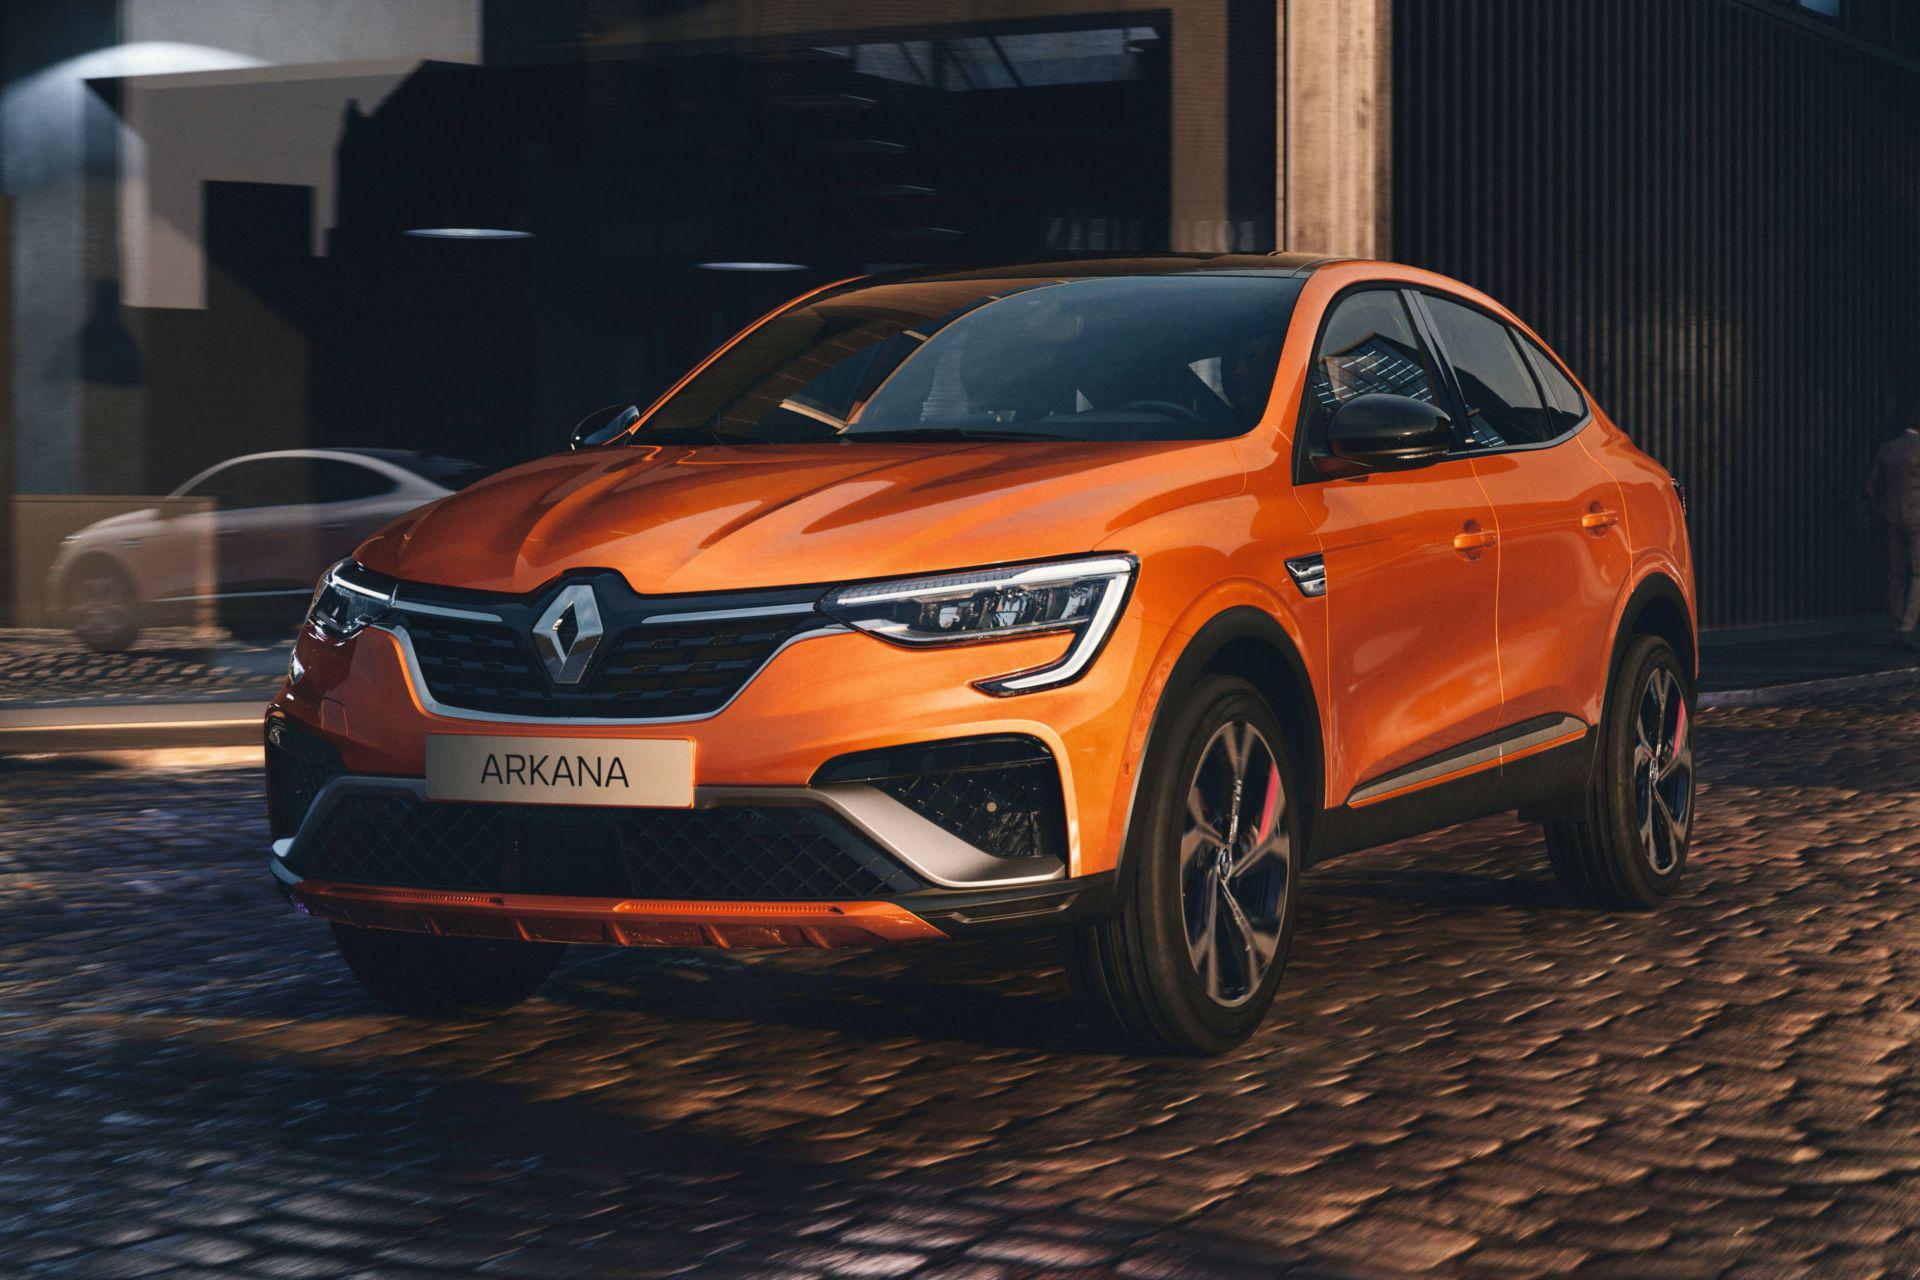 Hãng xe Pháp Renault vừa trở lại Việt Nam lên kế hoạch làm xe sang đấu BMW, Mercedes